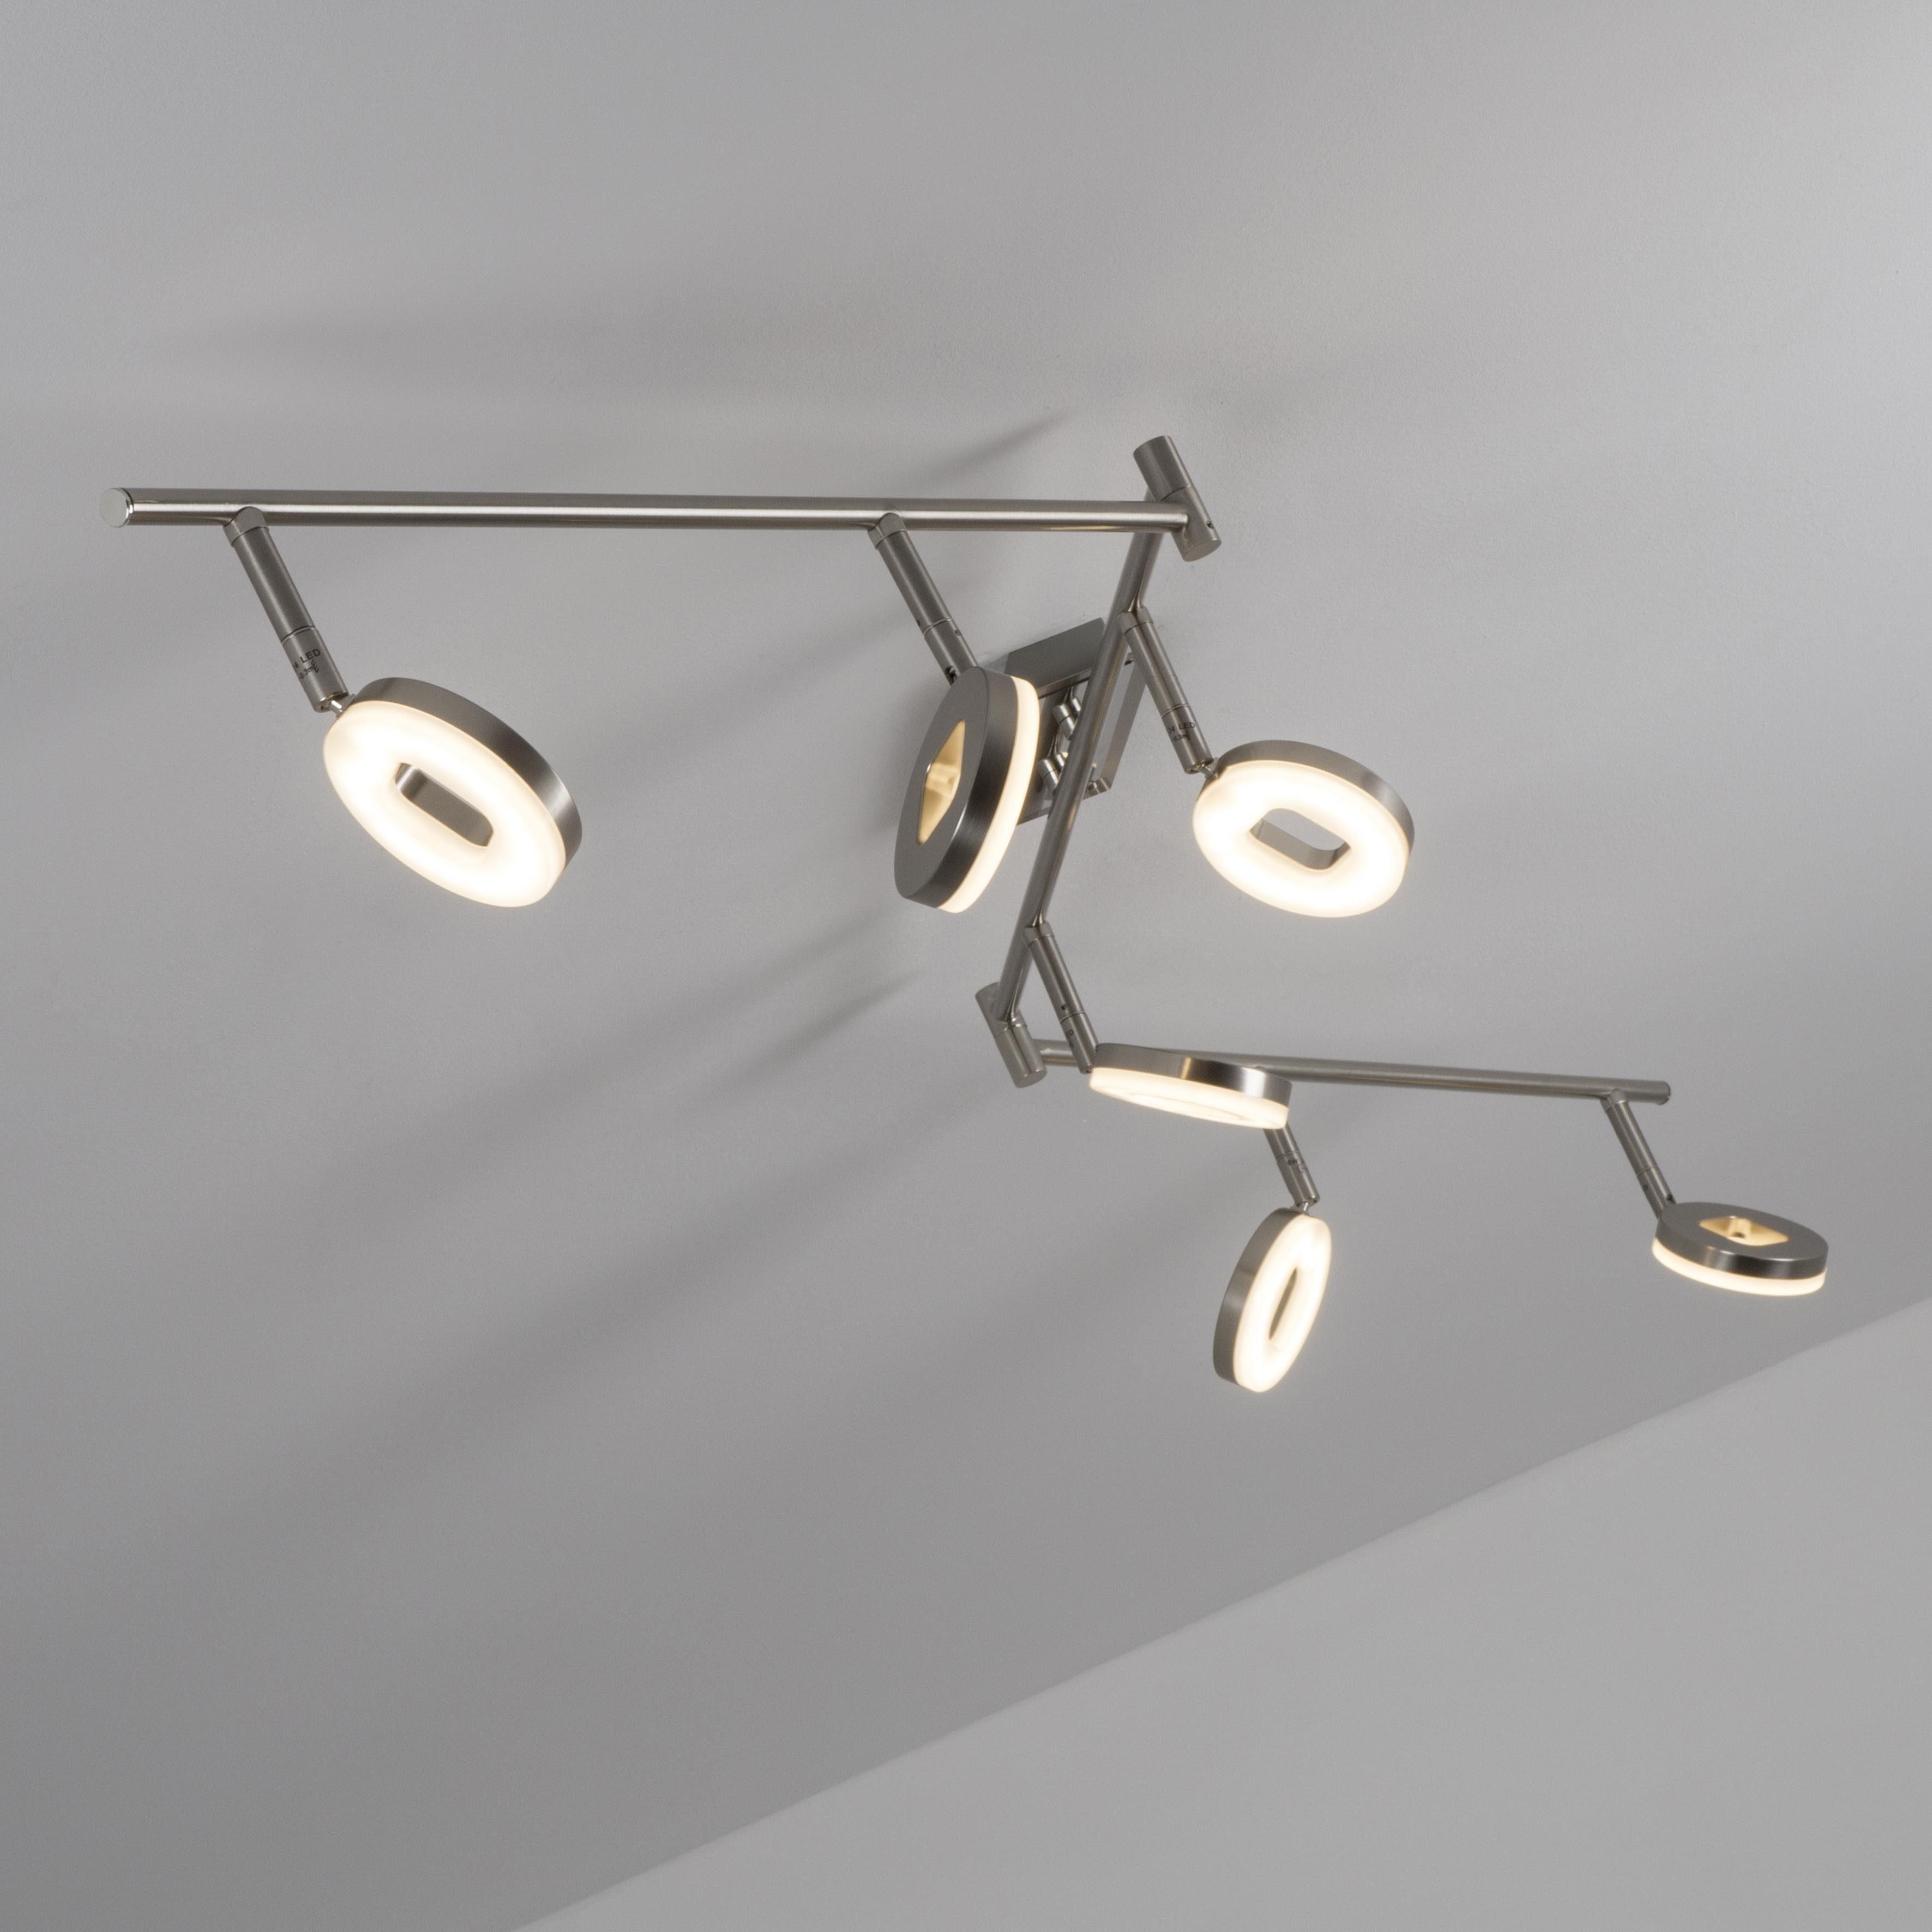 SPOT Light Deckenleuchte EASYFIX, Warmweiß, LED-Leuchtmittel integriert, Sehr lang mit 178cm, Flexibel einstellbar mit beweglichen Köpfen.